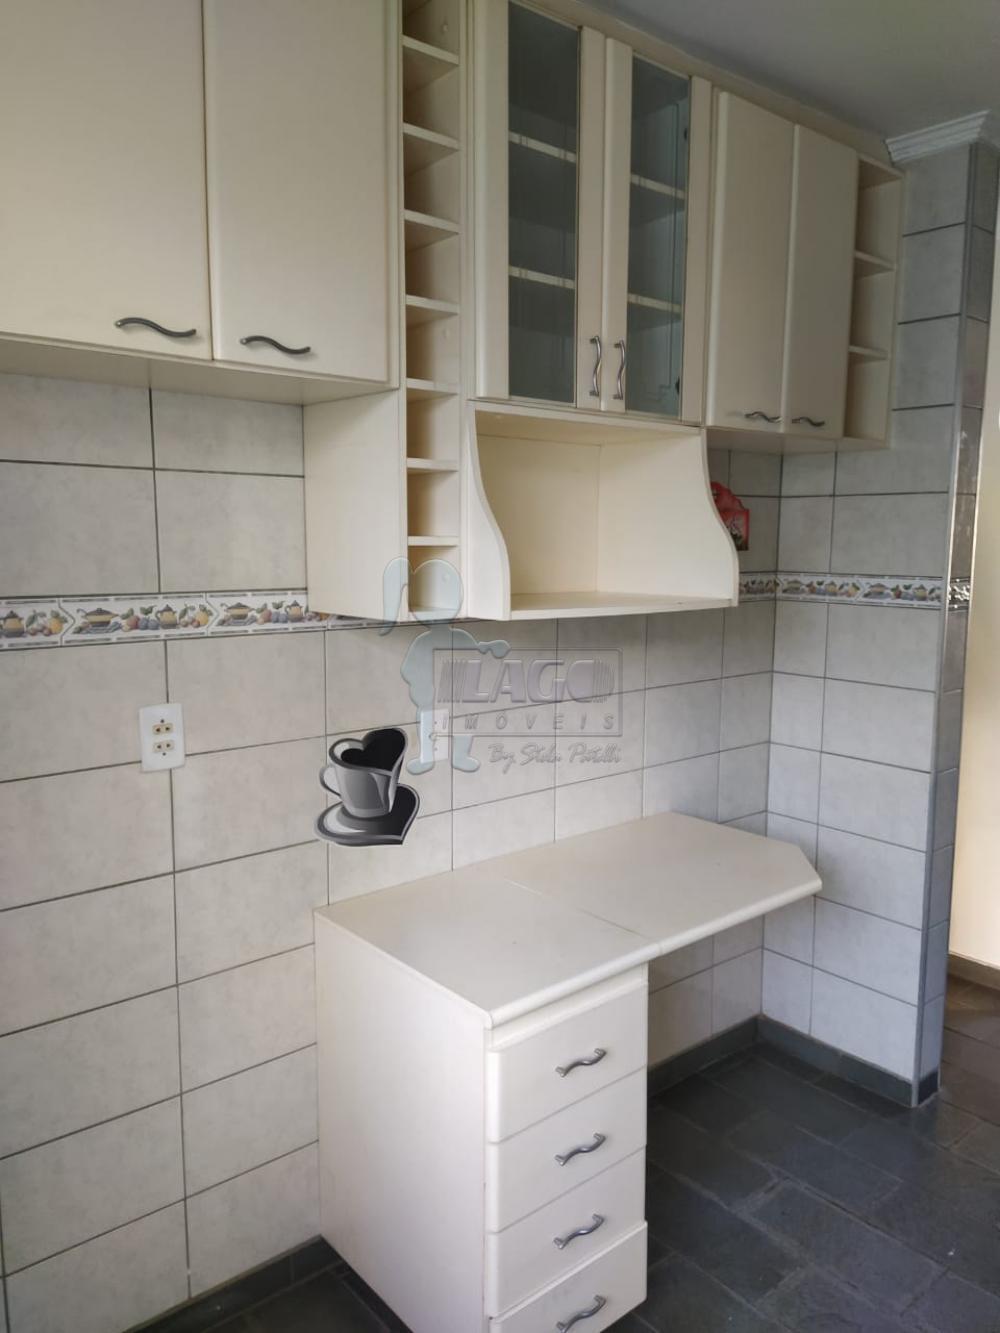 Comprar Apartamento / Padrão em Ribeirão Preto apenas R$ 130.000,00 - Foto 15